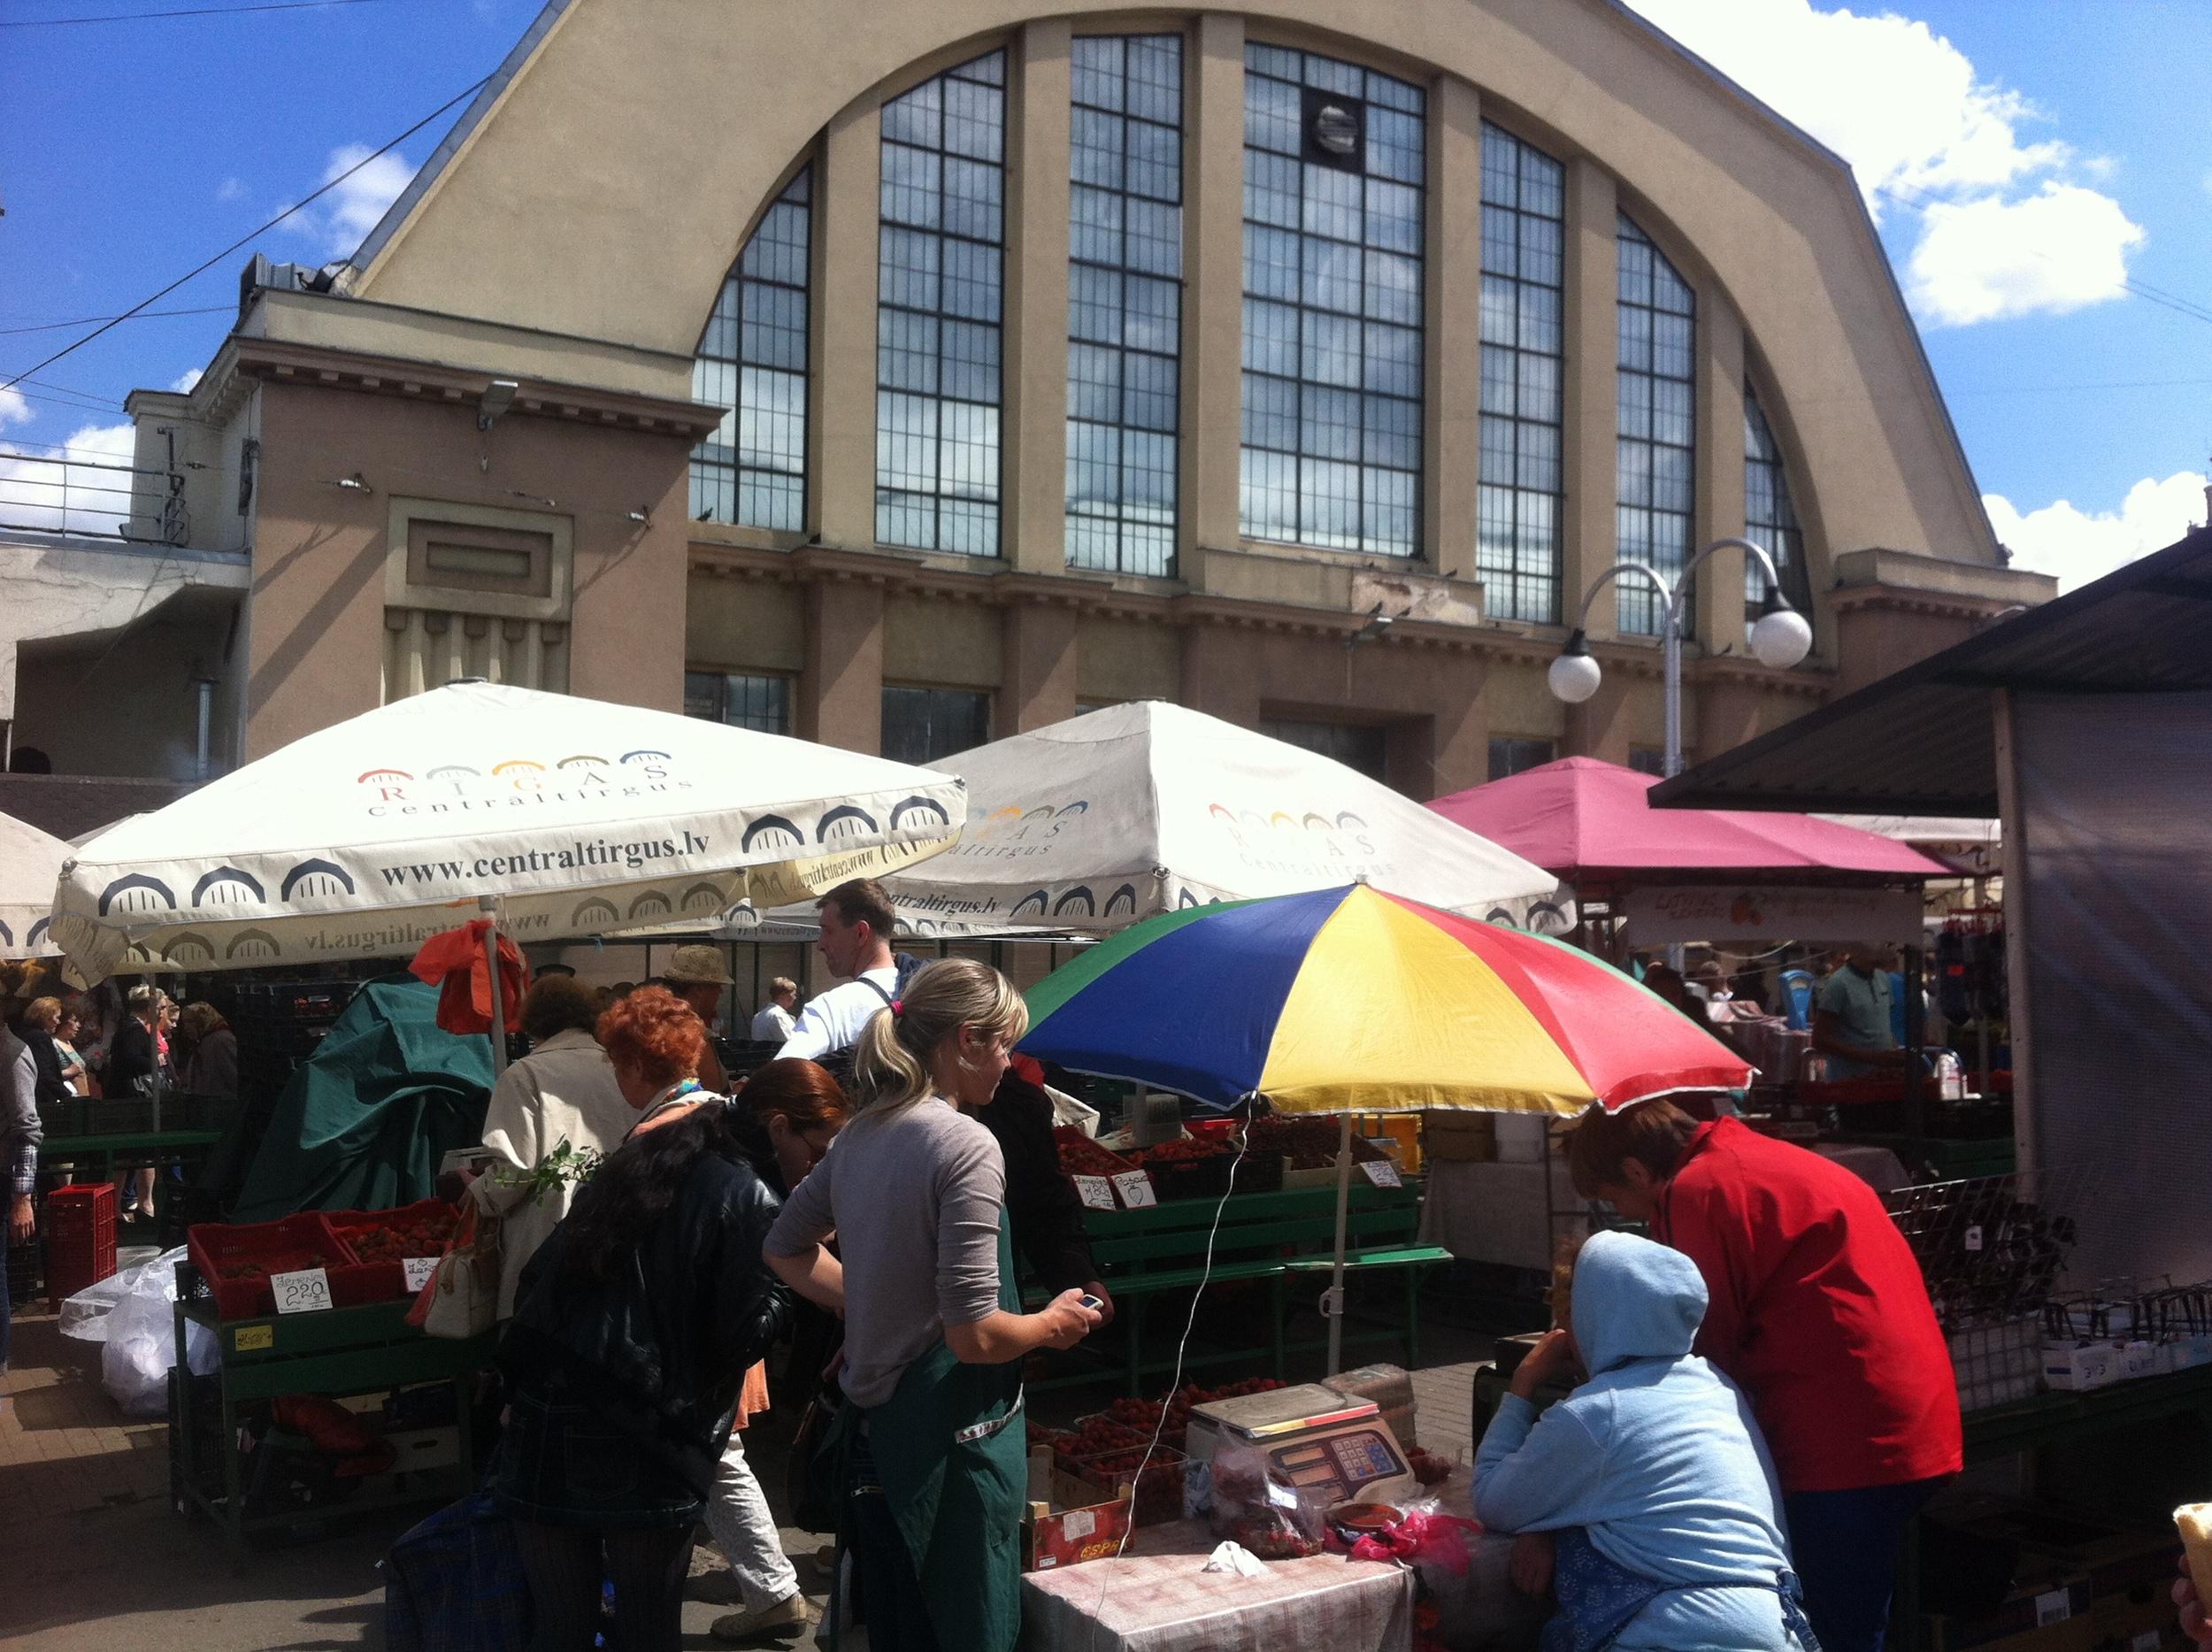 Outdoor market stands surrounding Riga Central Market's Art Deco inspired indoor market